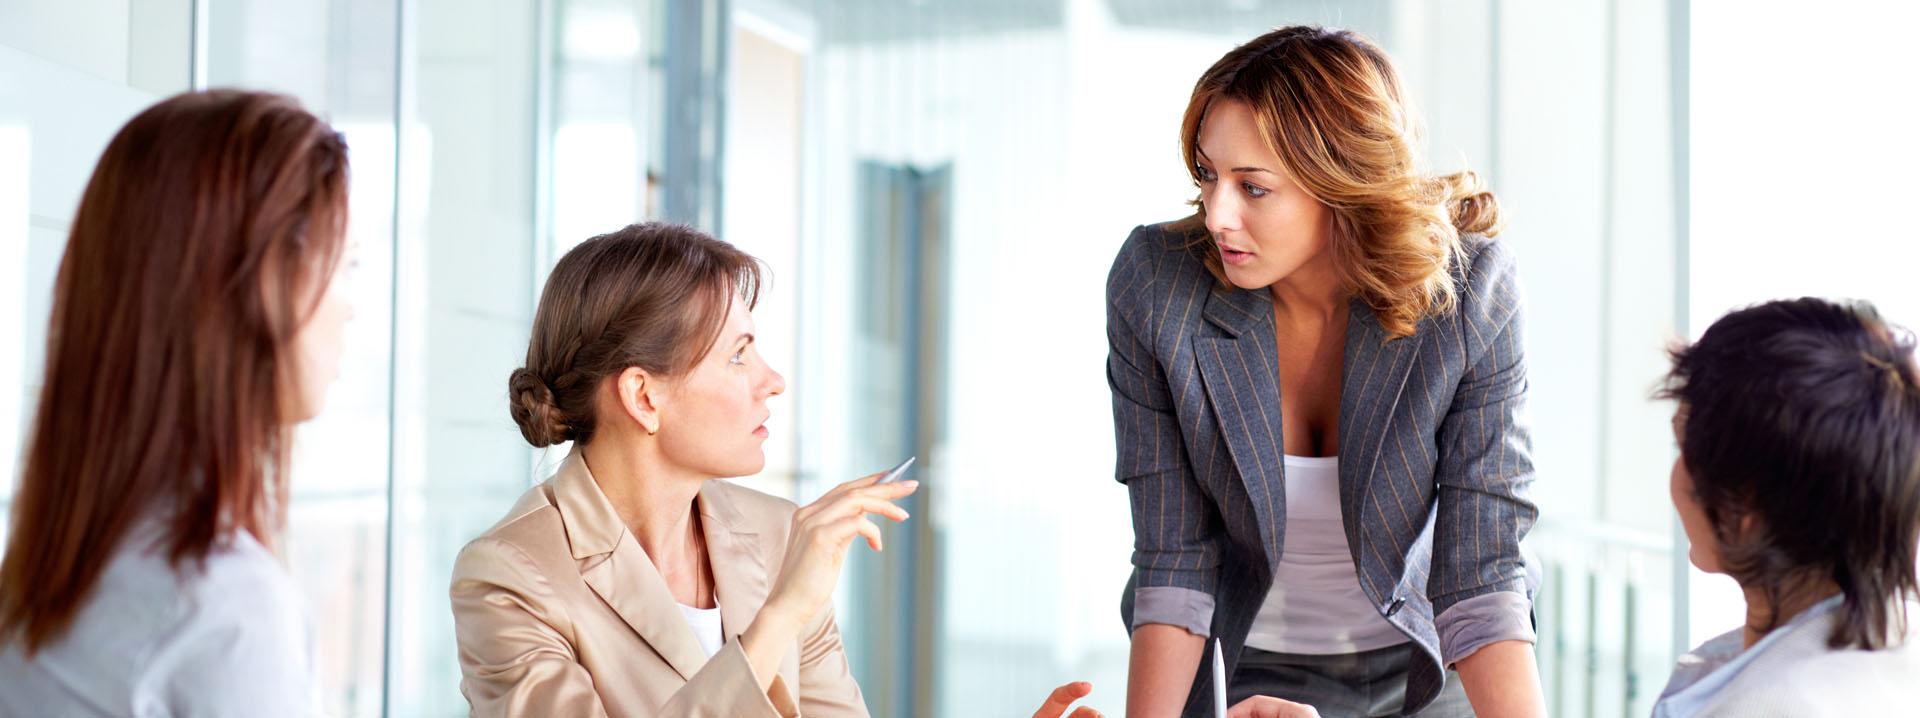 szkolenie dla dyrektorów HR